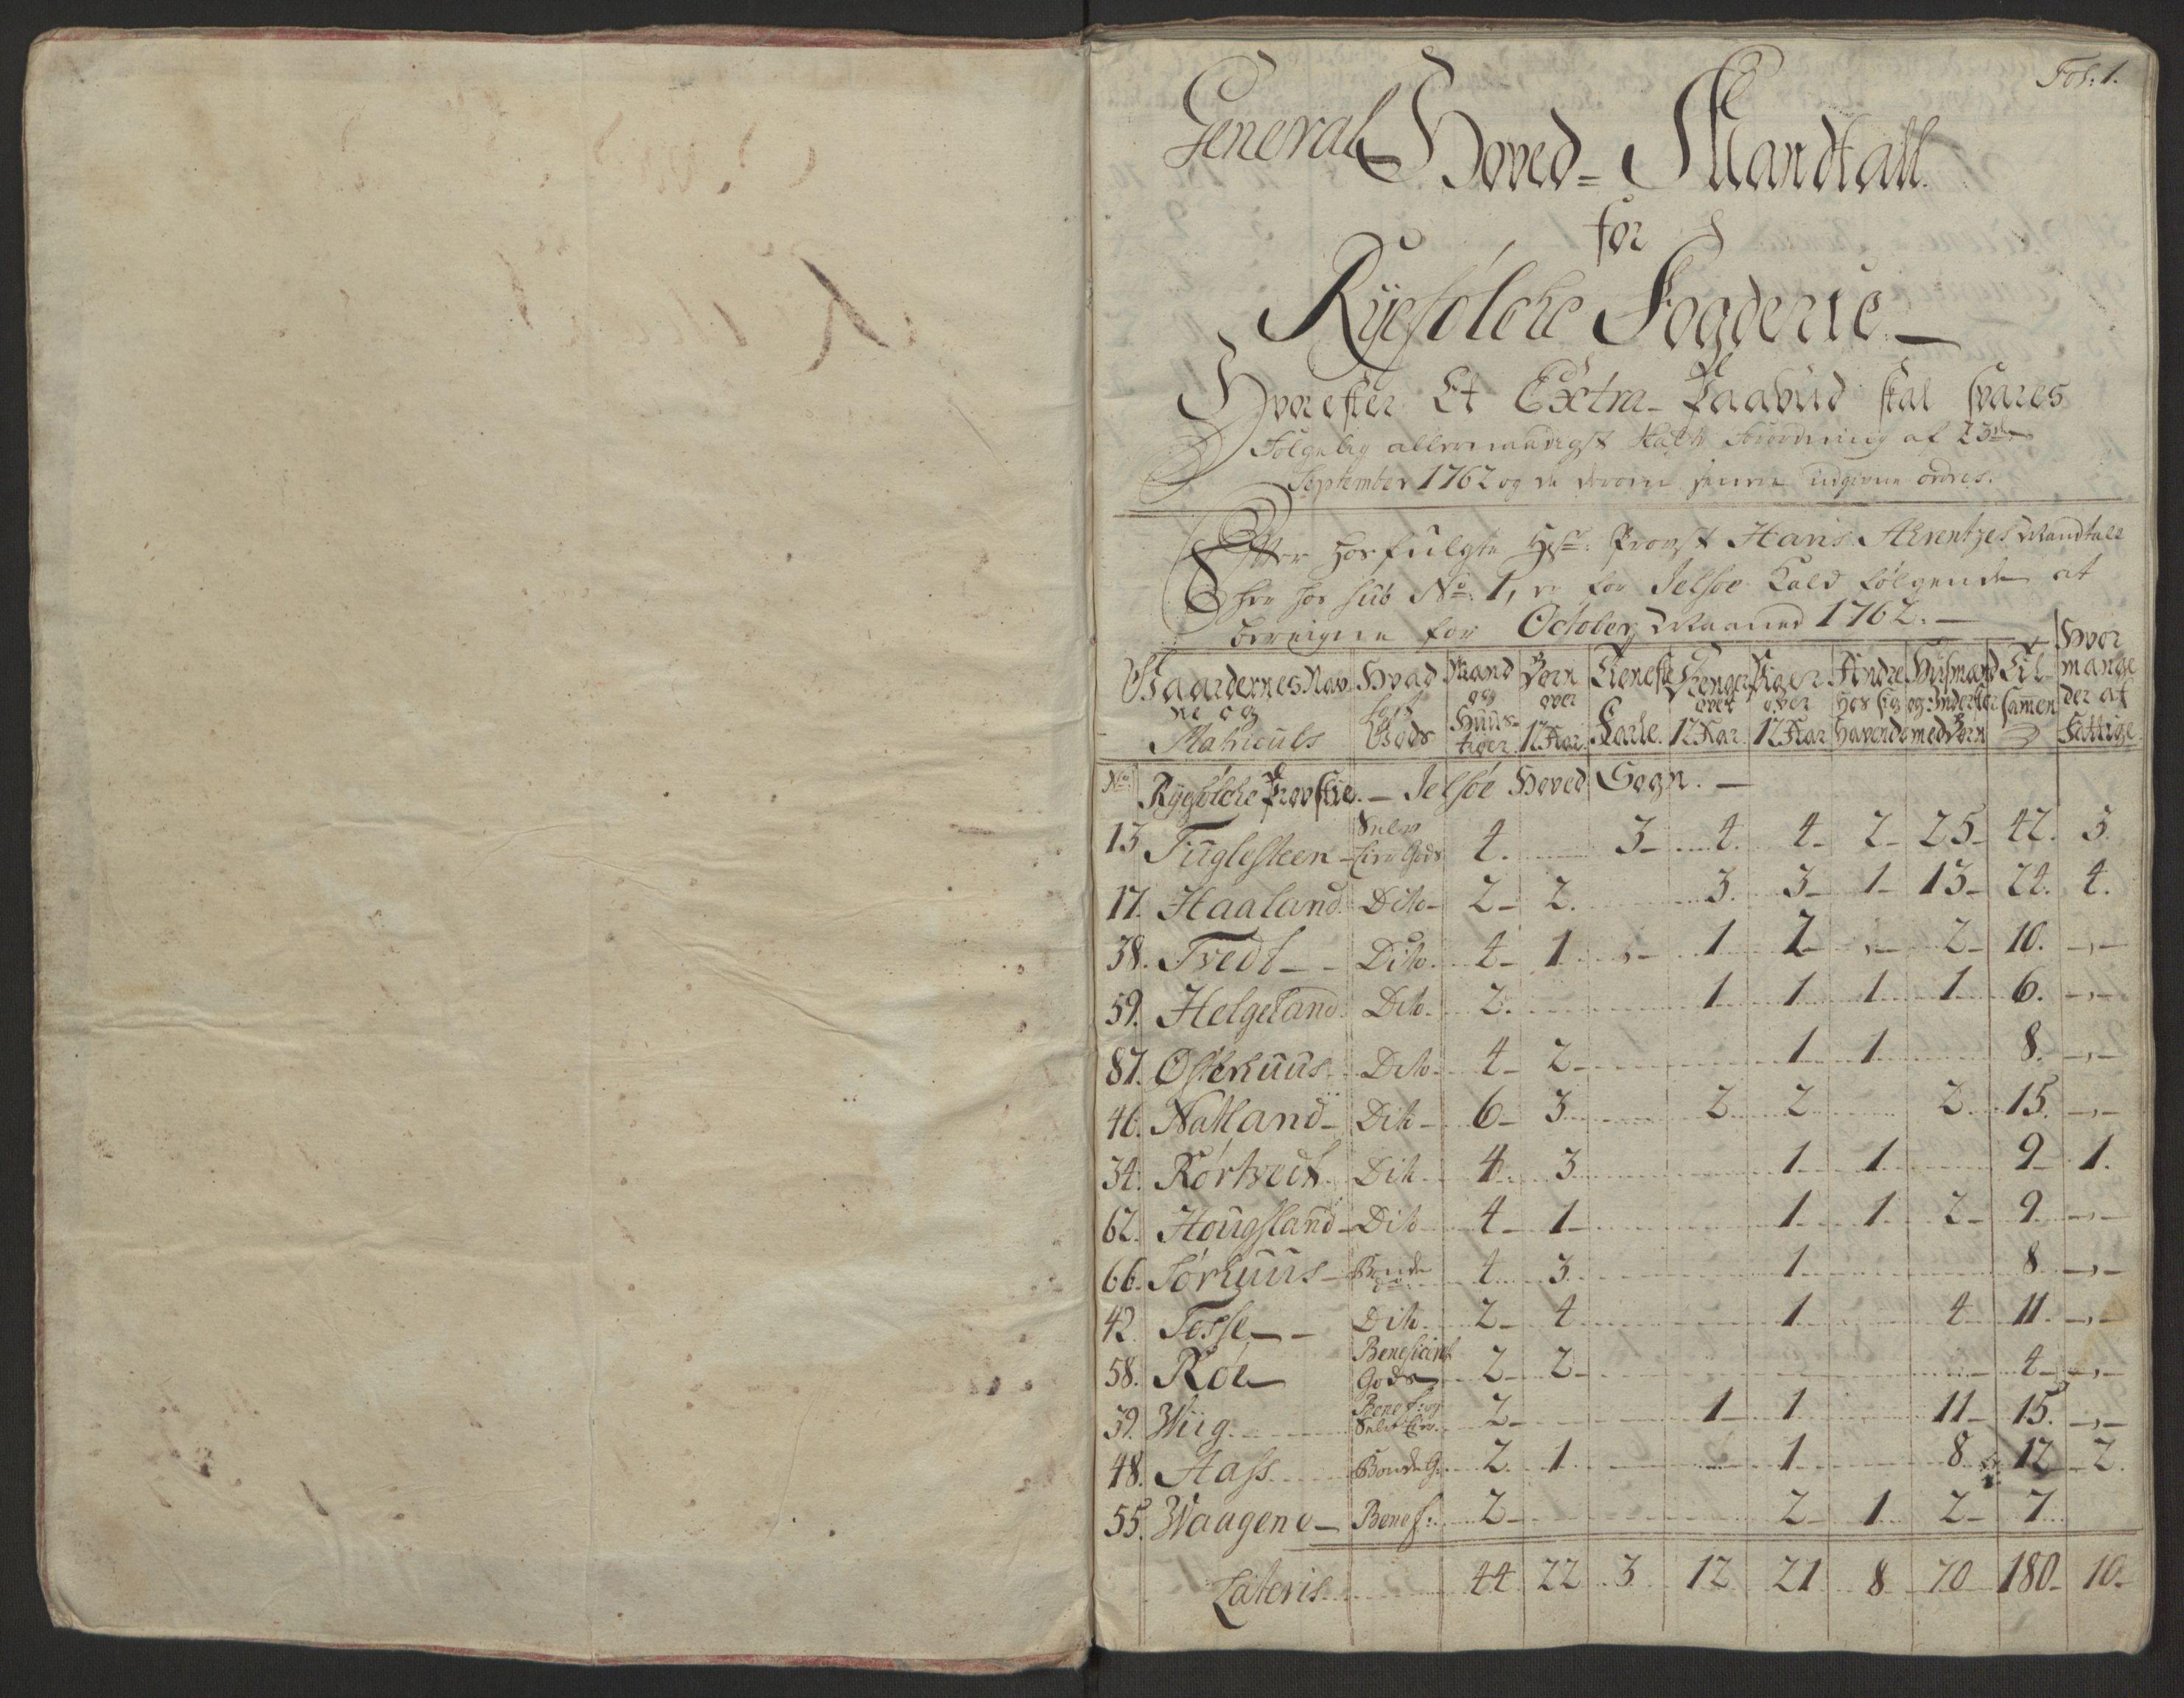 RA, Rentekammeret inntil 1814, Reviderte regnskaper, Hovedkasseregnskaper, Rf/L0072b: Ekstraskatteregnskap, 1762, s. 5